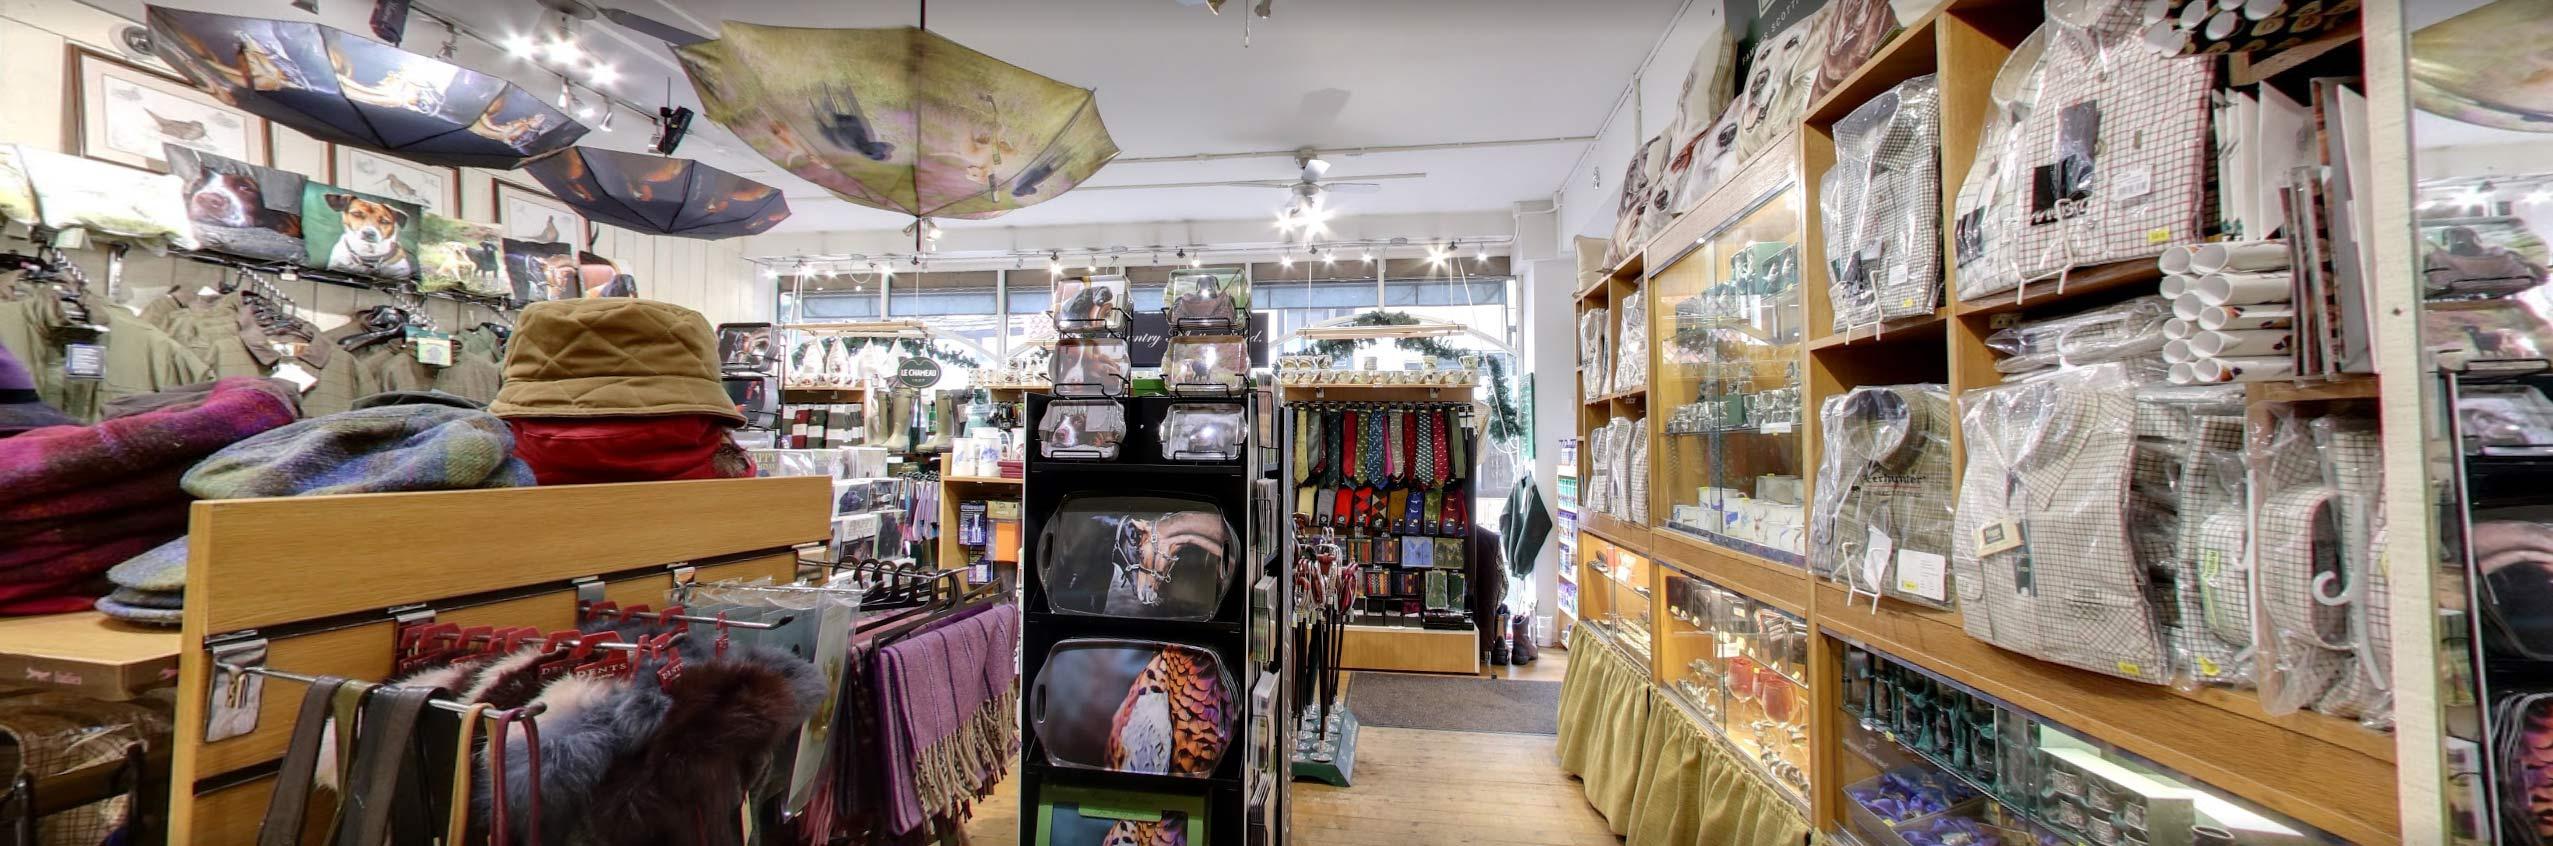 Clothing-Shop-04